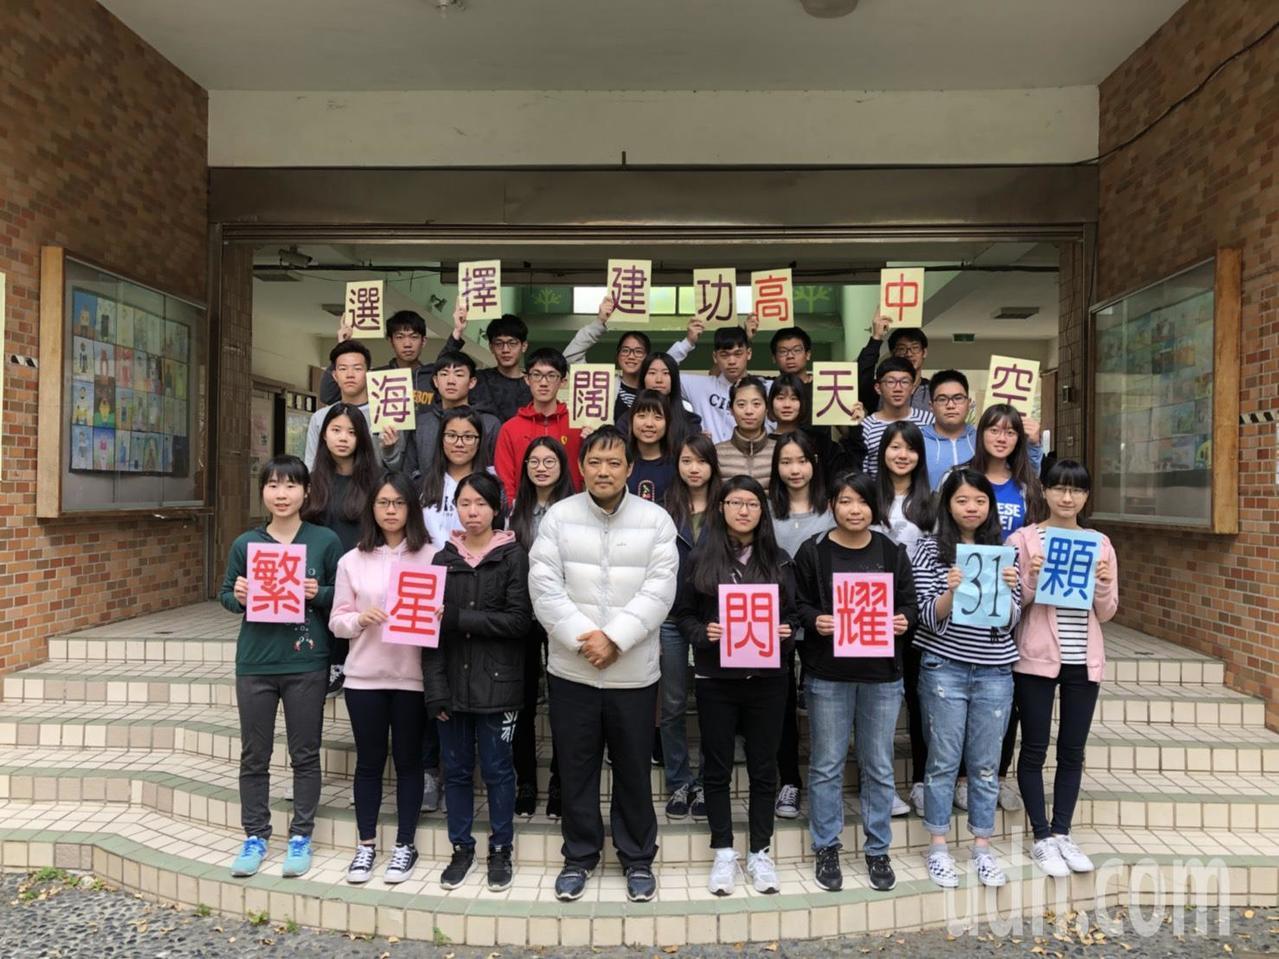 建功高中繁星成績有31名學生錄取。記者郭宣彣/攝影